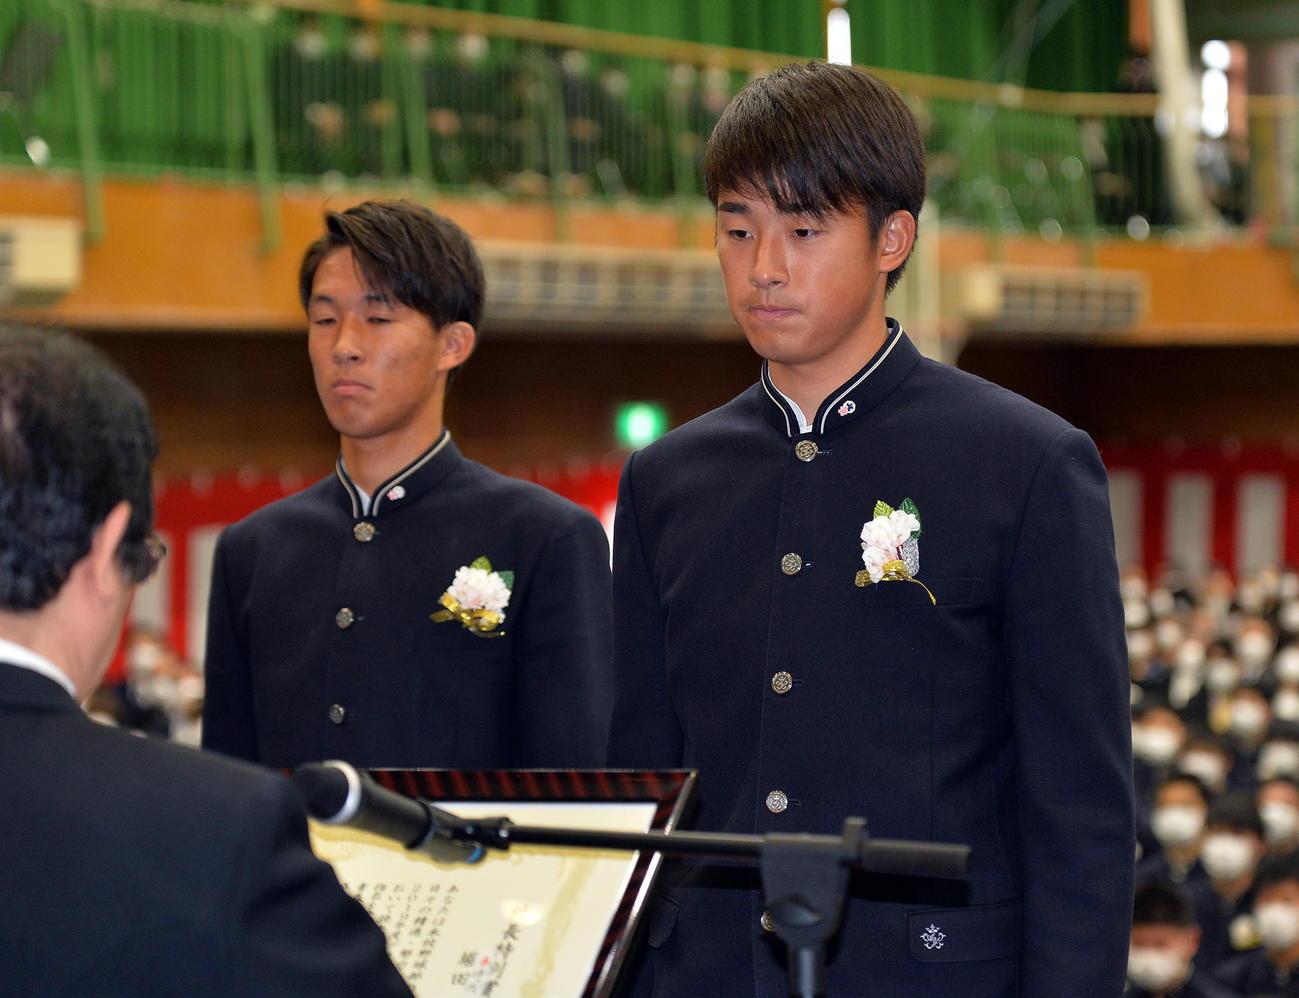 青森山田の卒業式で校長特別賞を受賞した巨人堀田(右)と浦和MF武田